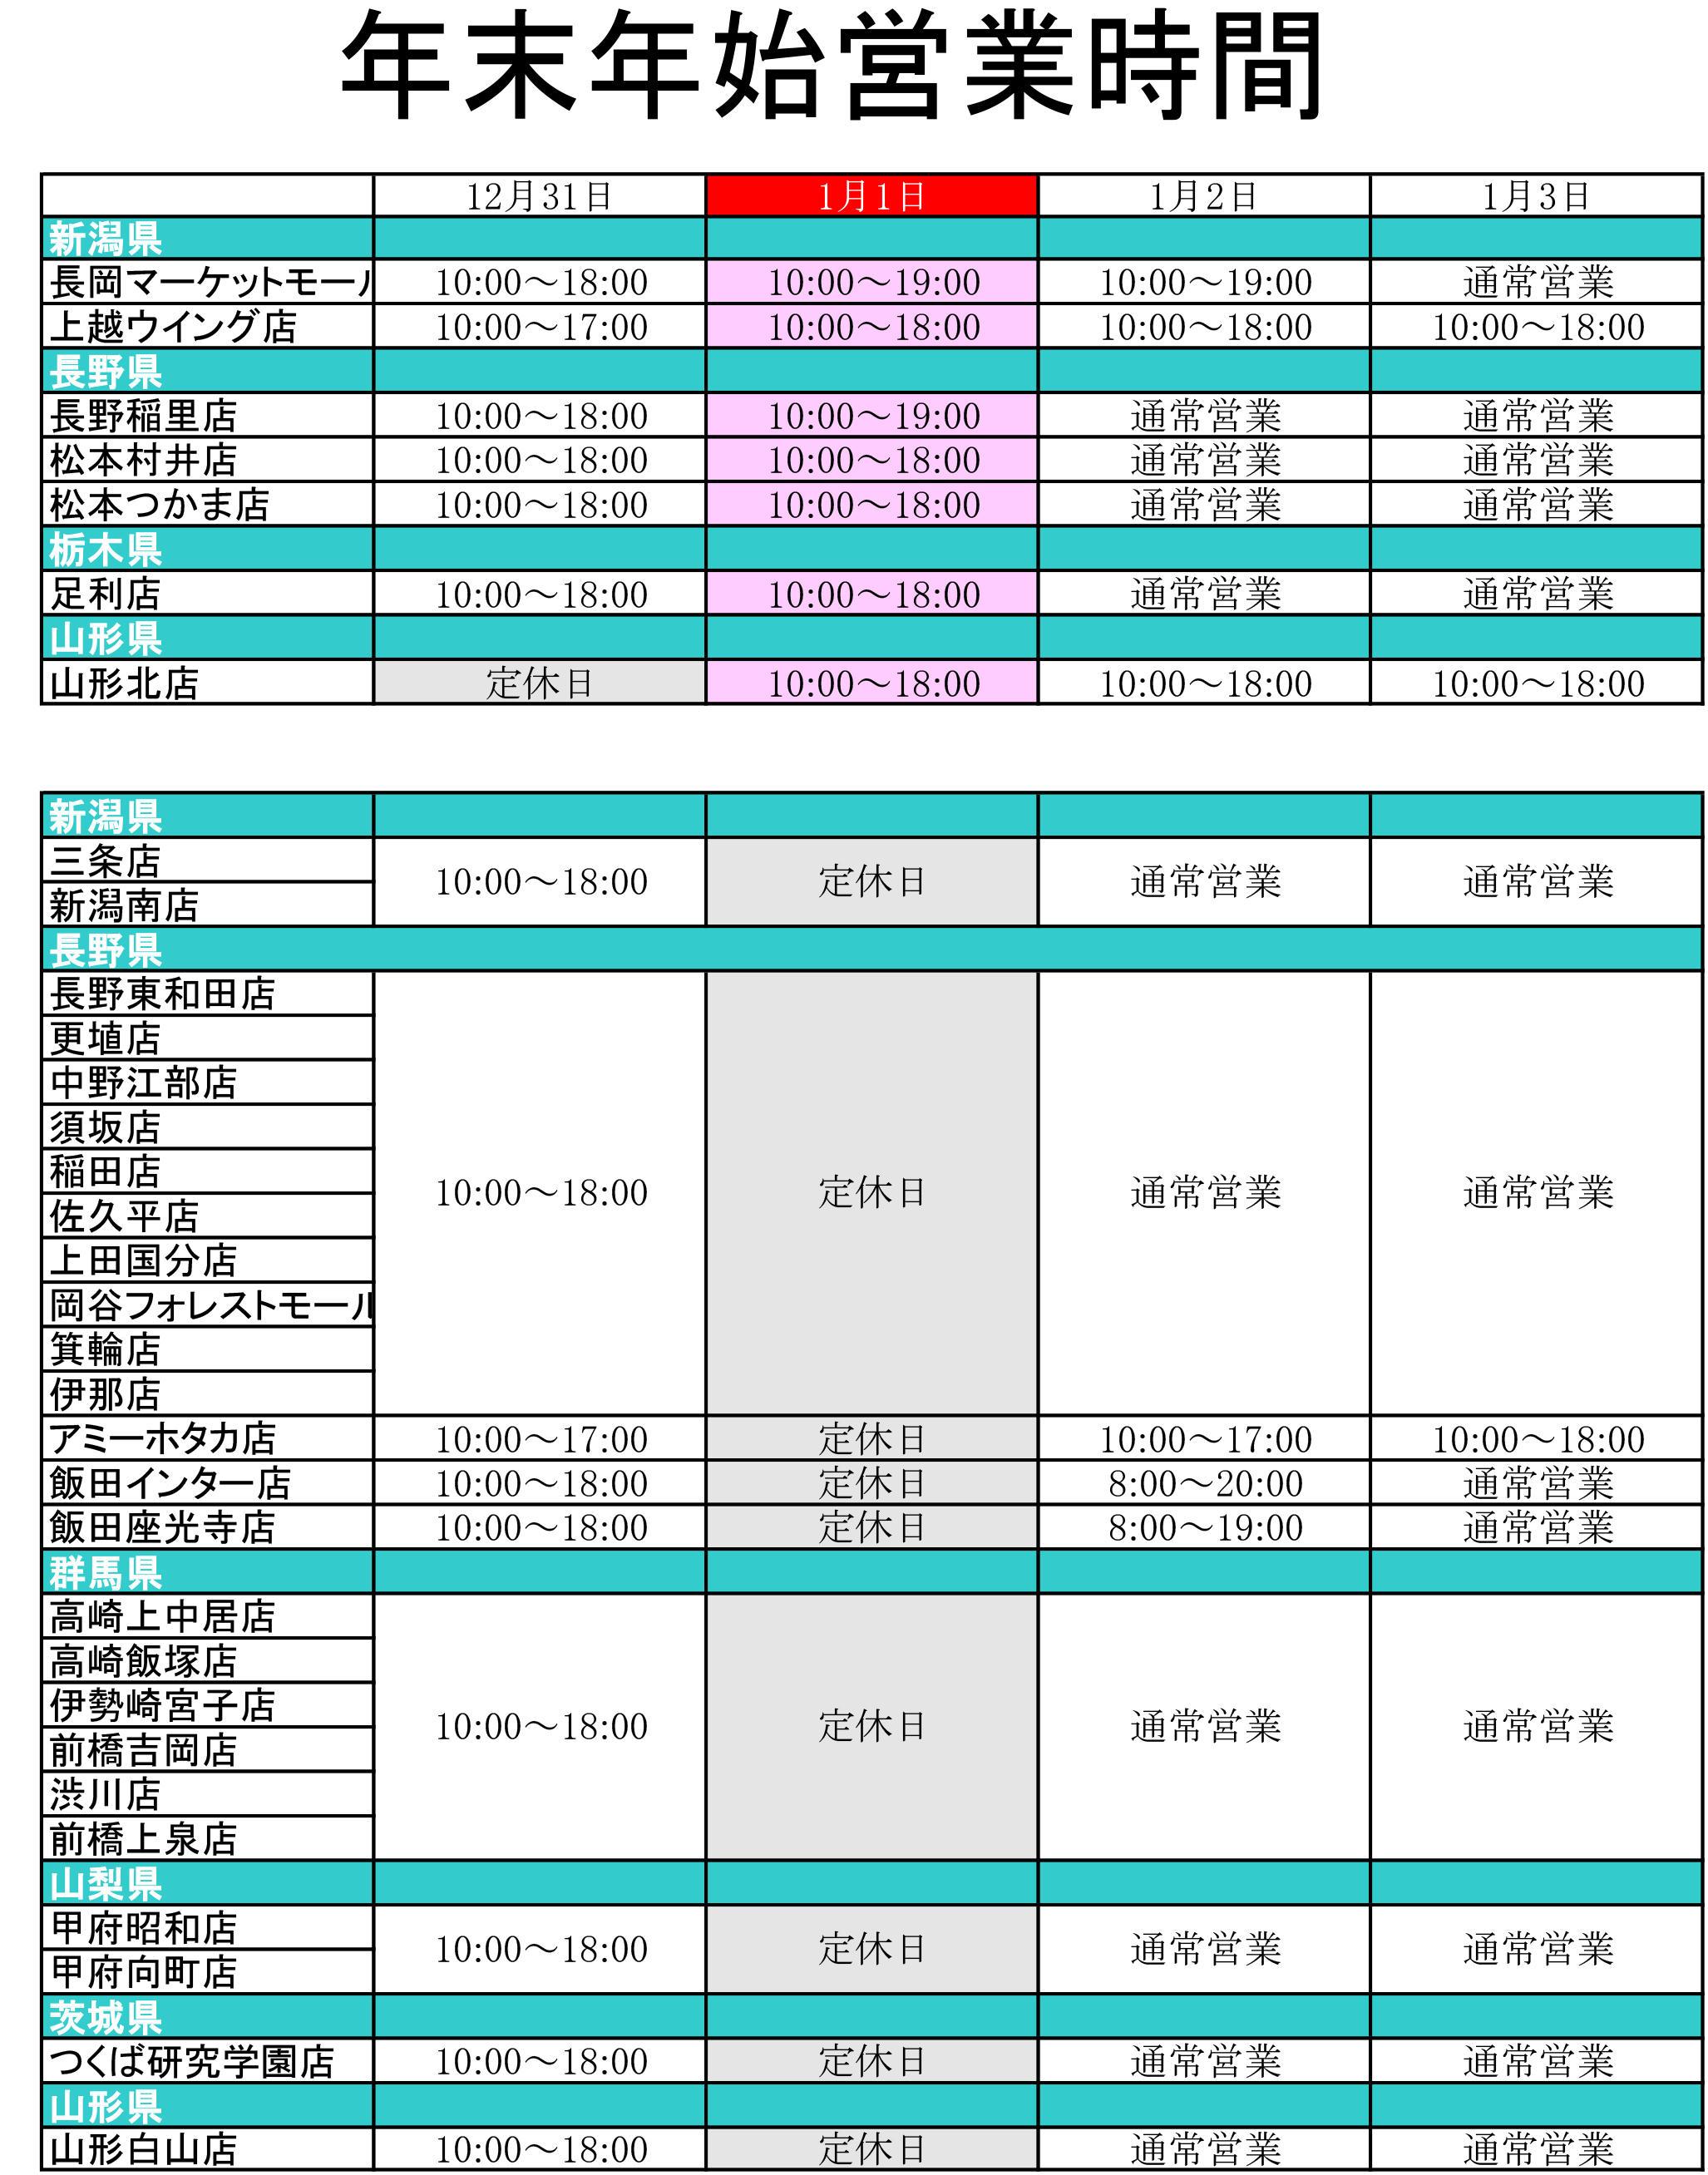 【修正】初売り営業時間.jpg